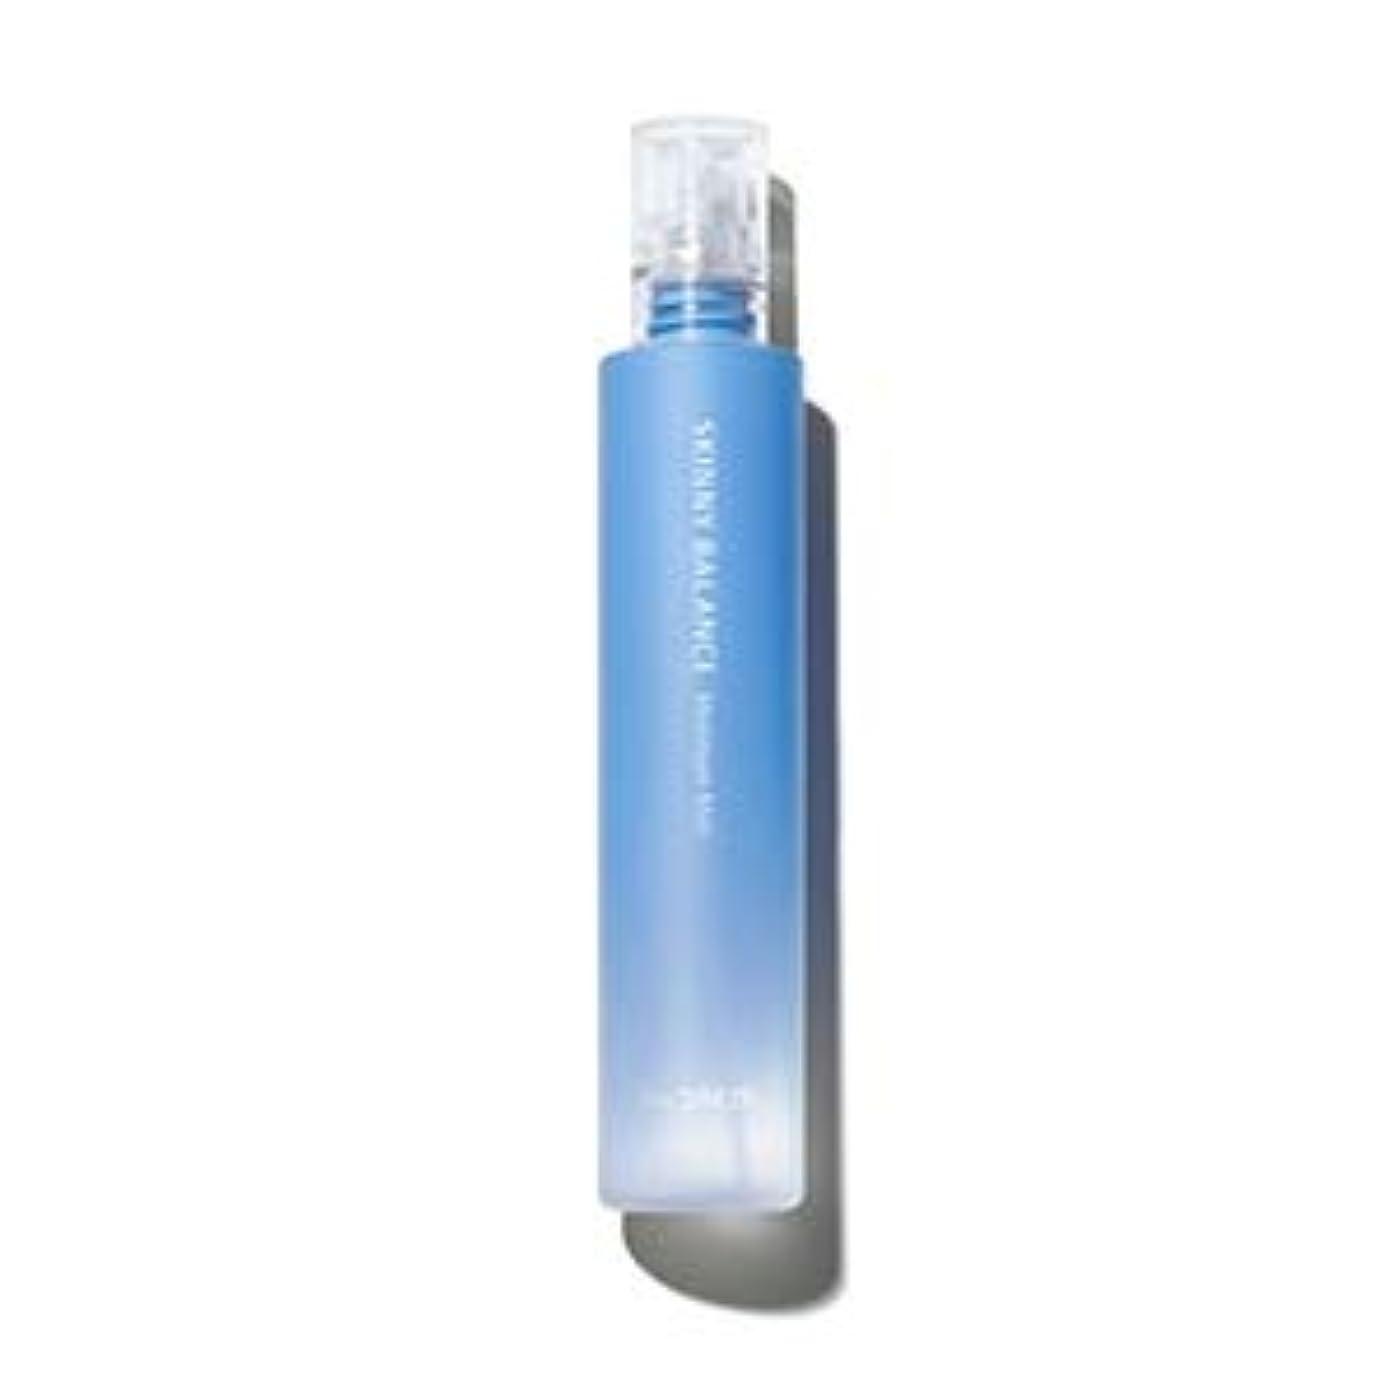 消毒する予測する信じるザセム スキニーバランス水分ミスト 75ml / The Seam Skinny Balance Moisture mist 75ml [並行輸入品]